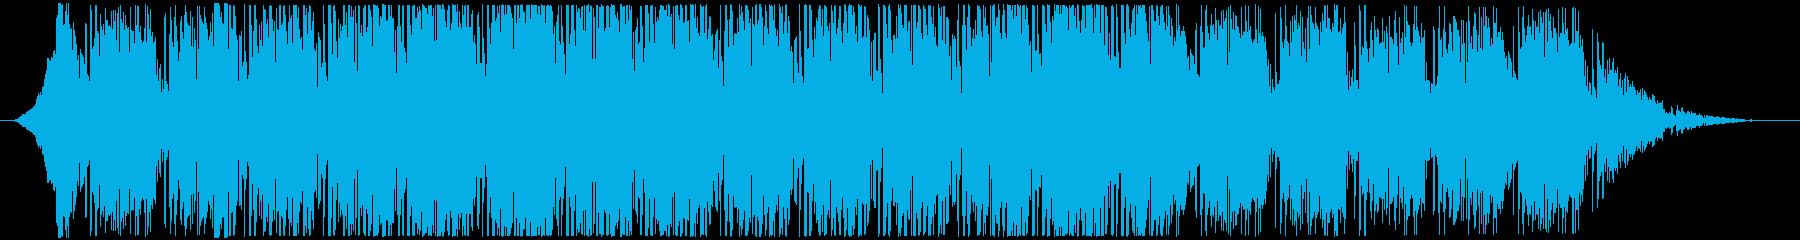 シタールの入った怪しいファンクビートの再生済みの波形